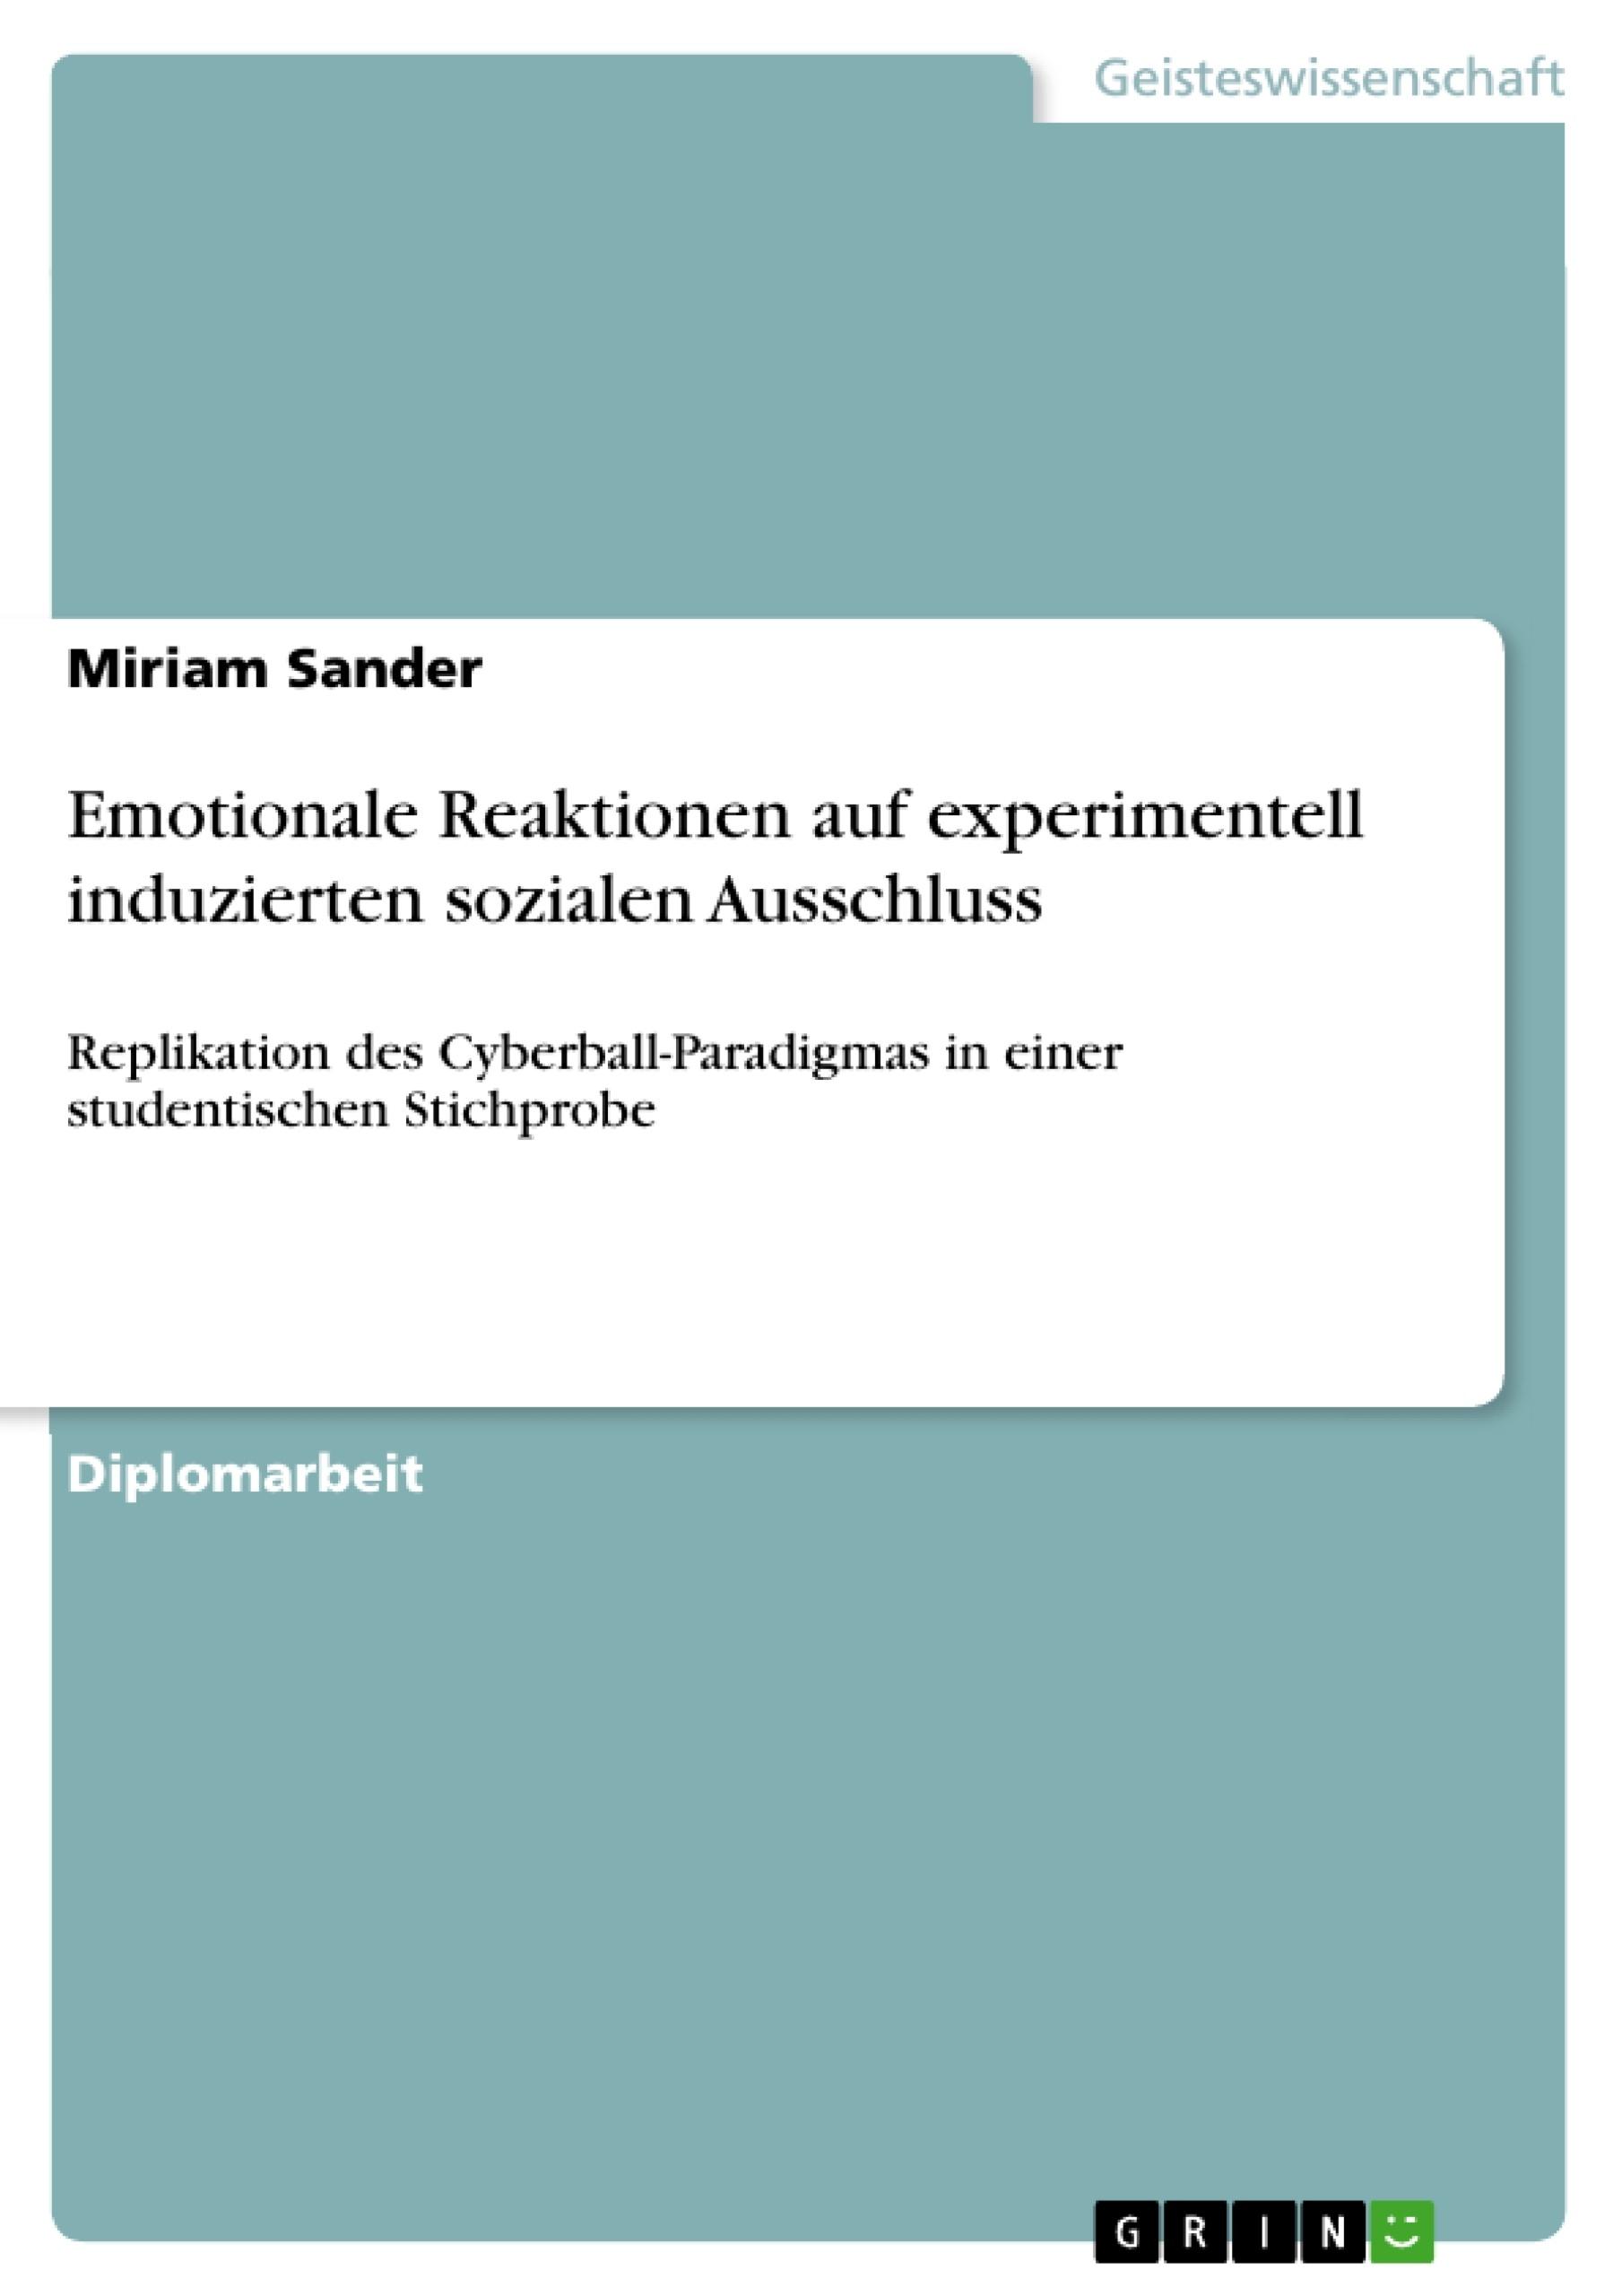 Titel: Emotionale Reaktionen auf experimentell induzierten sozialen Ausschluss